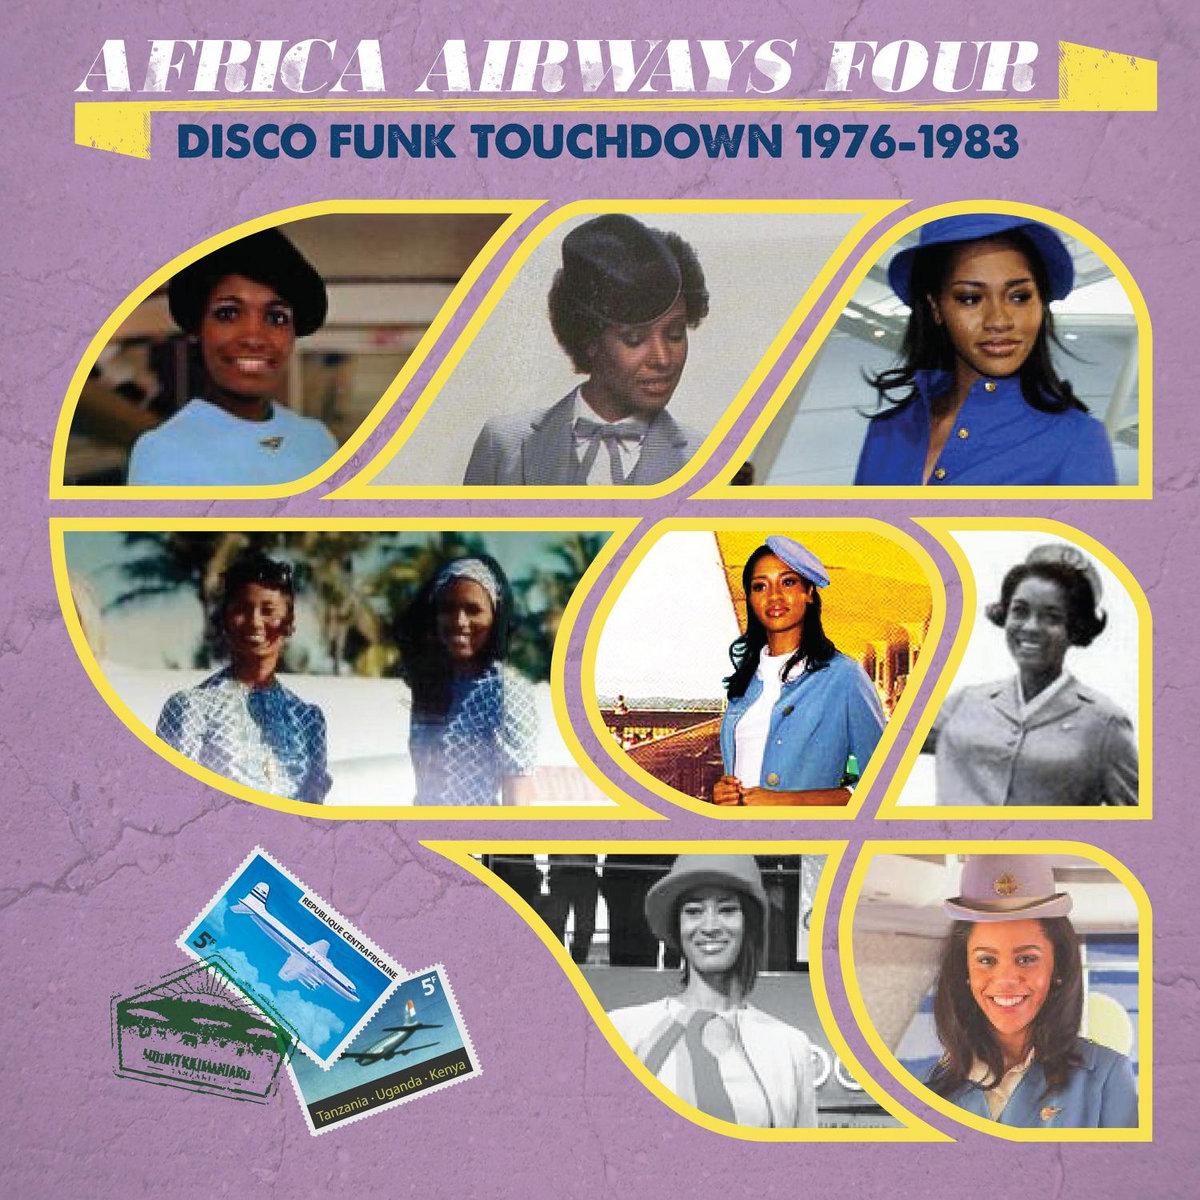 Africa Airways Four (Disco Funk Touchdown 1976 - 1983